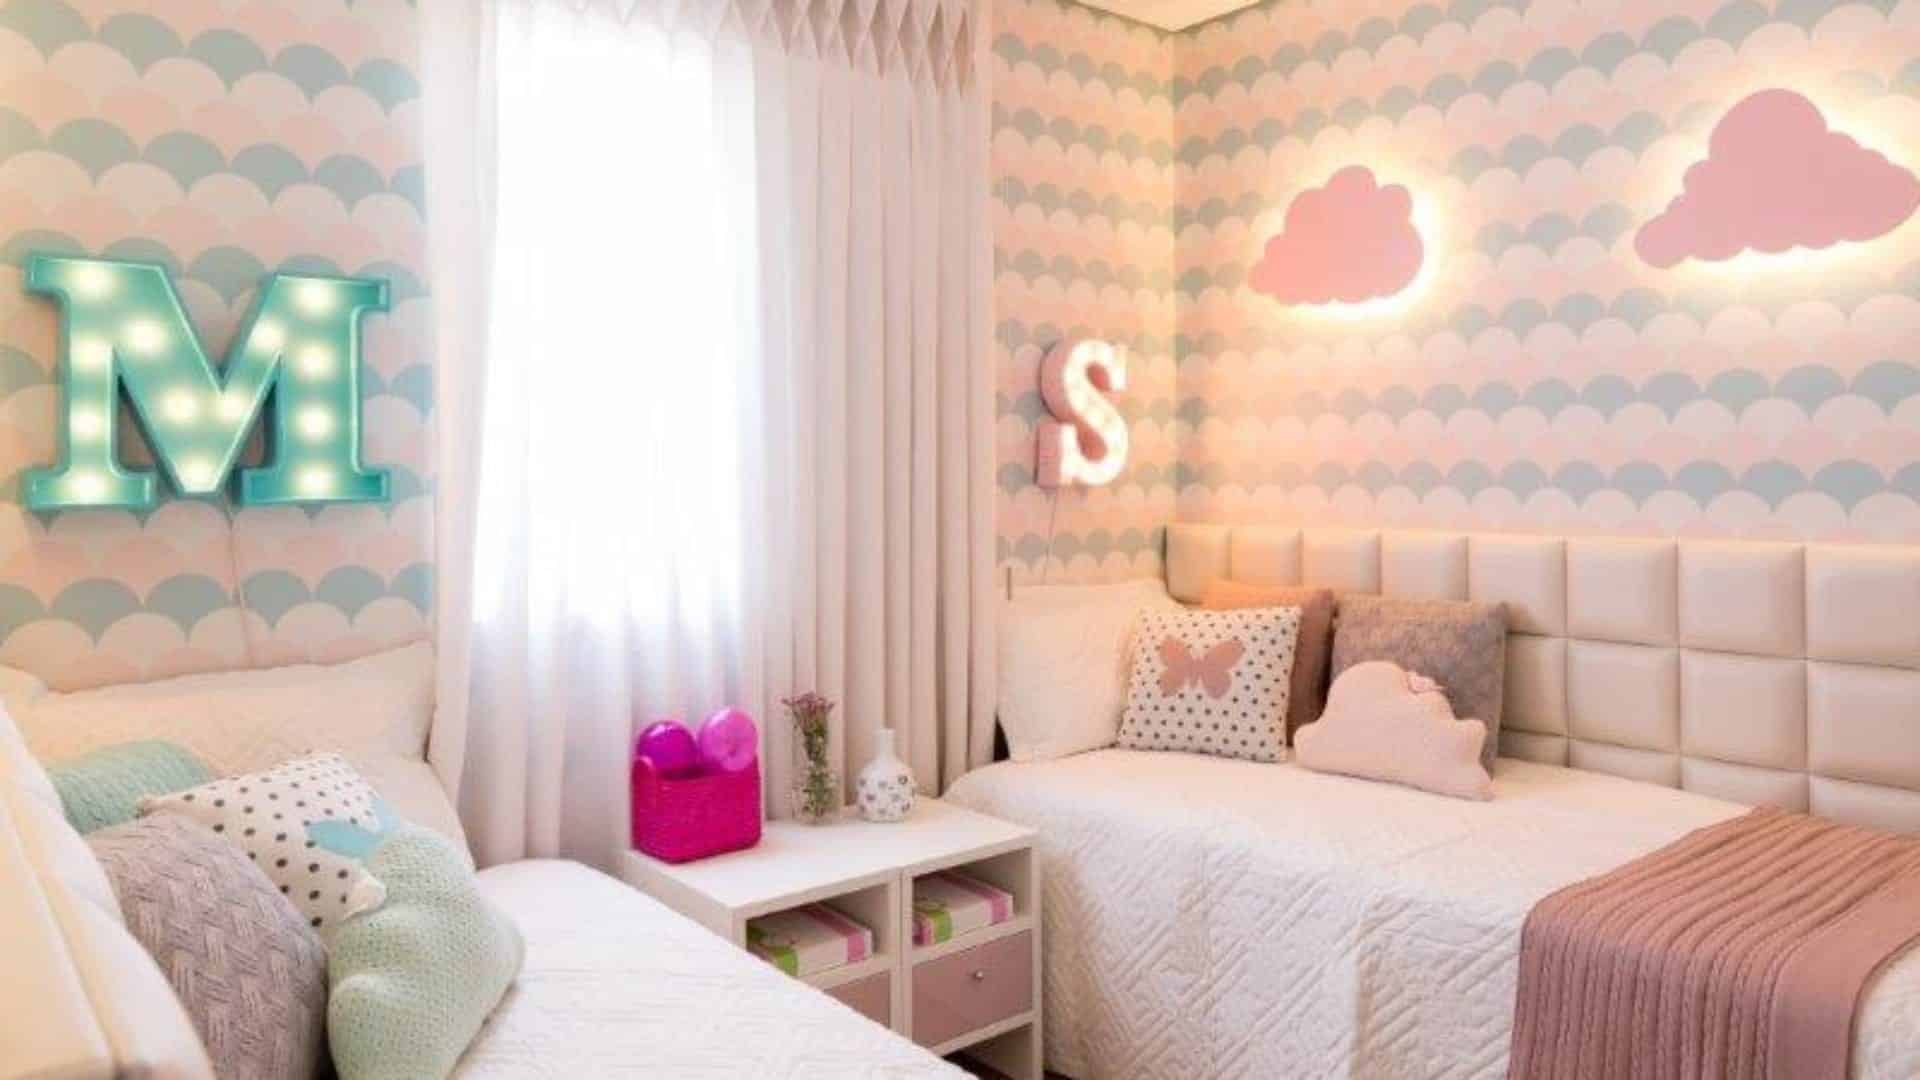 Decoração de quarto infantil – 16 dicas e inspirações de decoração